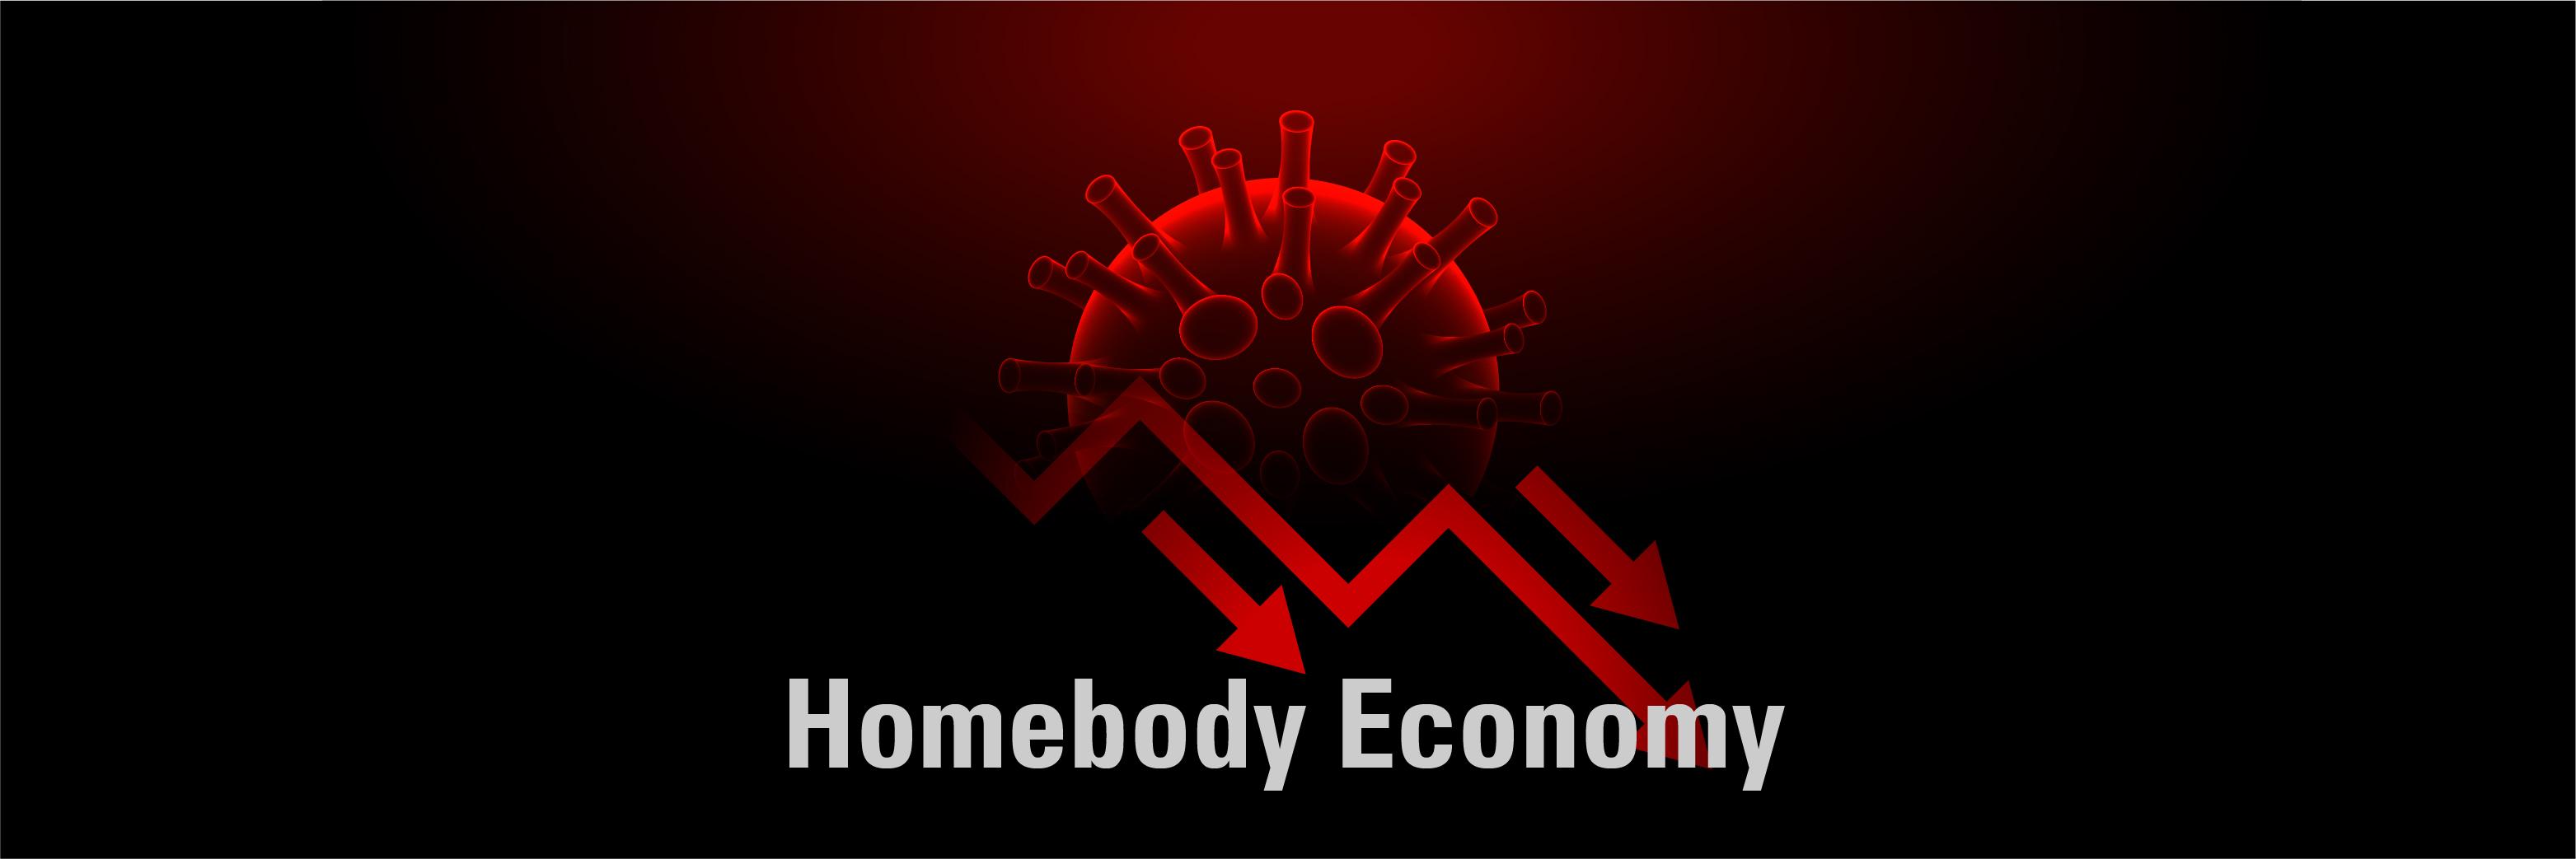 لزوم توجه به ترند «تغییر برند» در «اقتصاد خانهنشینی»